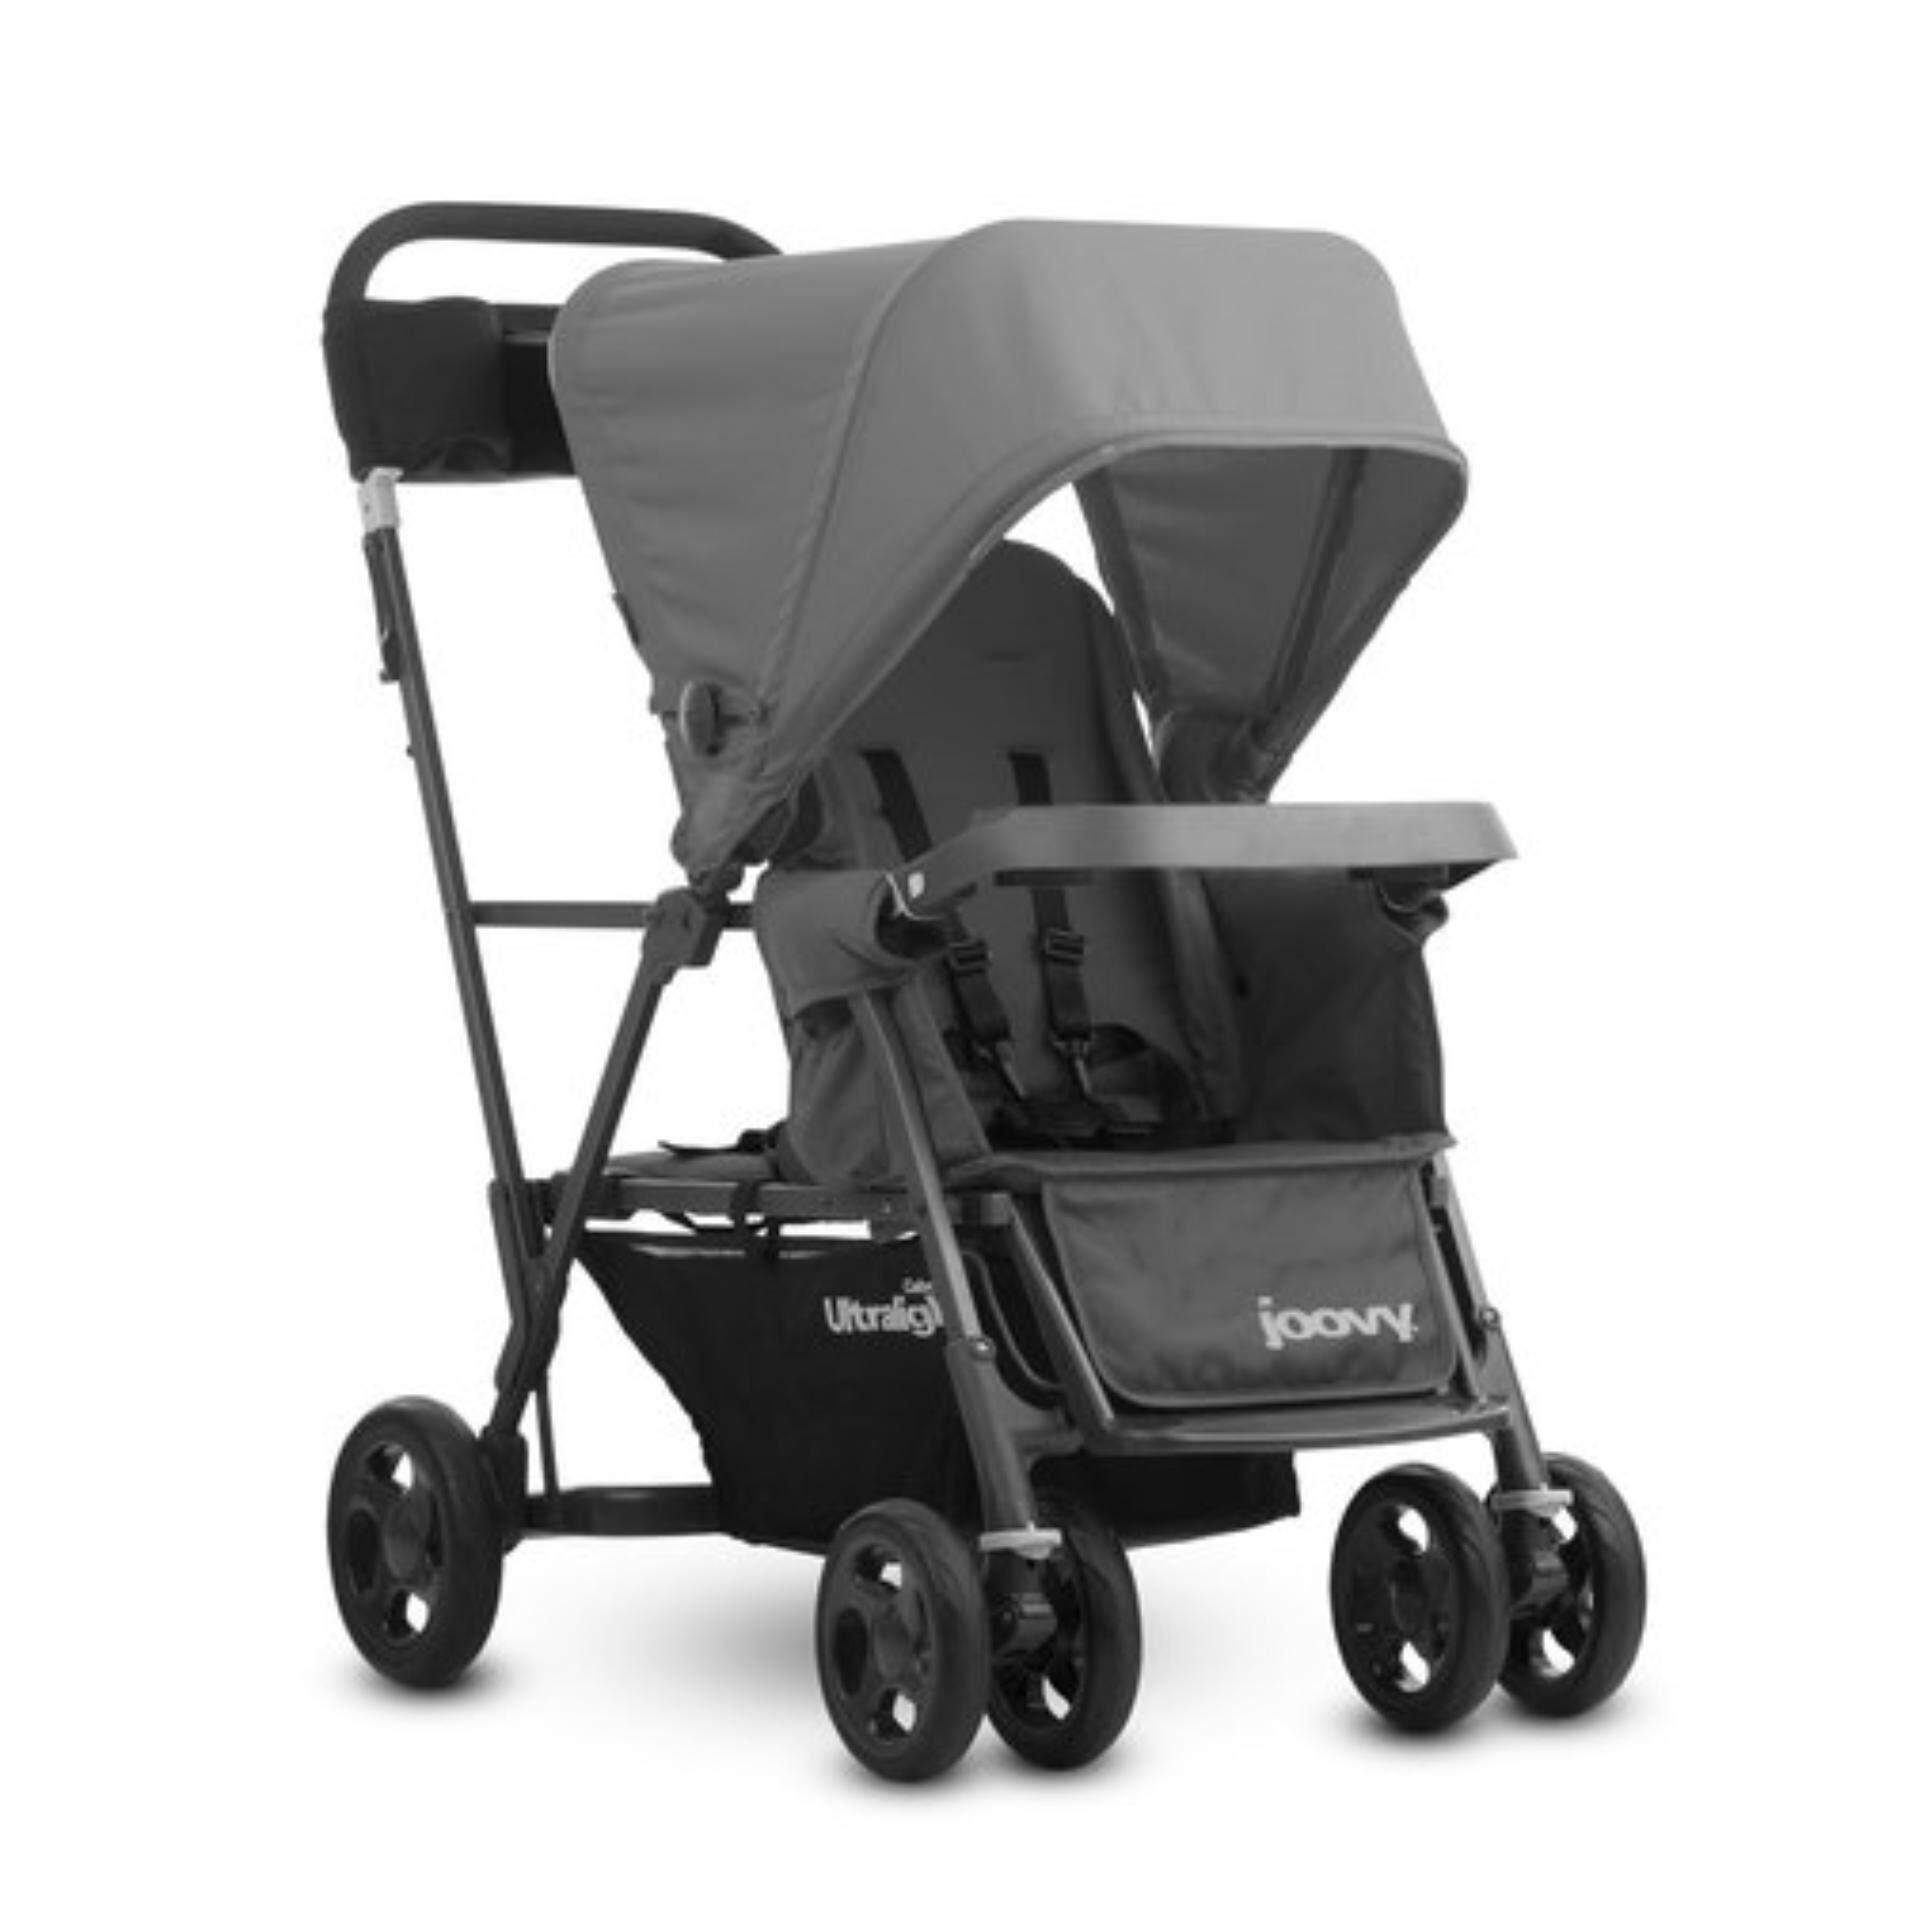 ขายดีอันดับ 1 Unbranded/Generic อุปกรณ์เสริมรถเข็นเด็ก Haotom รถเข็นเด็กทารกสากลกระเป๋าจัดระเบียบรถเด็กทารกตะกร้าแขวนเก็บของรถเข็นเด็กอุปกรณ์เสริม - สีเทา เก็บเงินปลายทาง ส่งฟรี